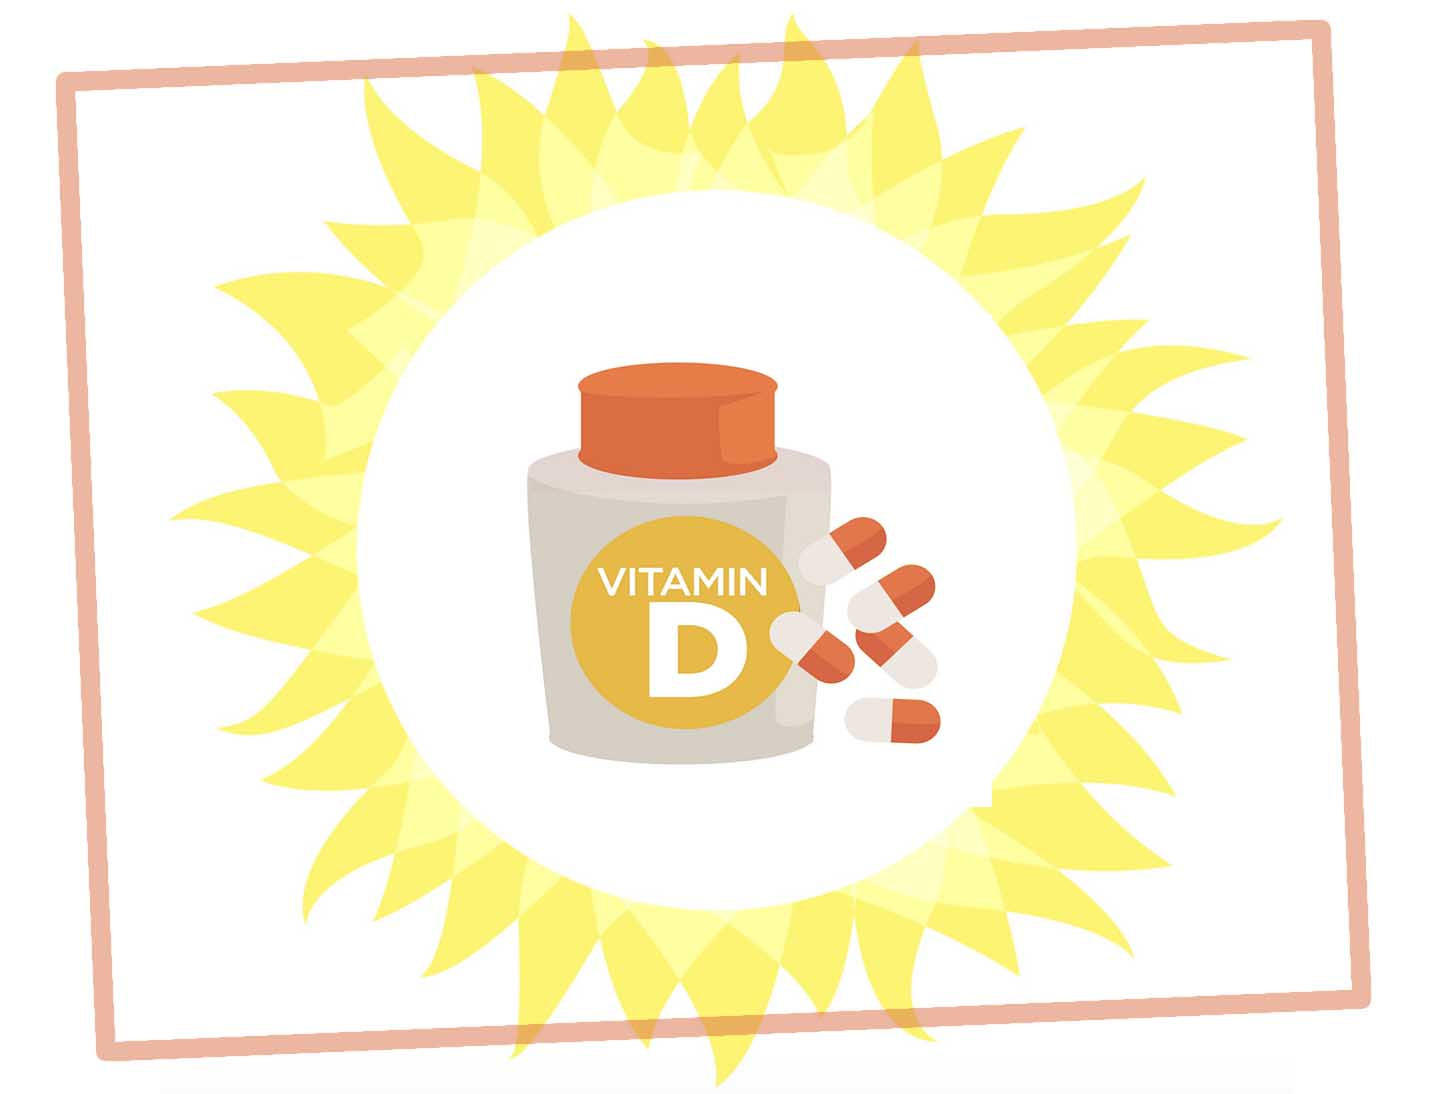 нехватка витамина д Симптомы у женщин и лечение